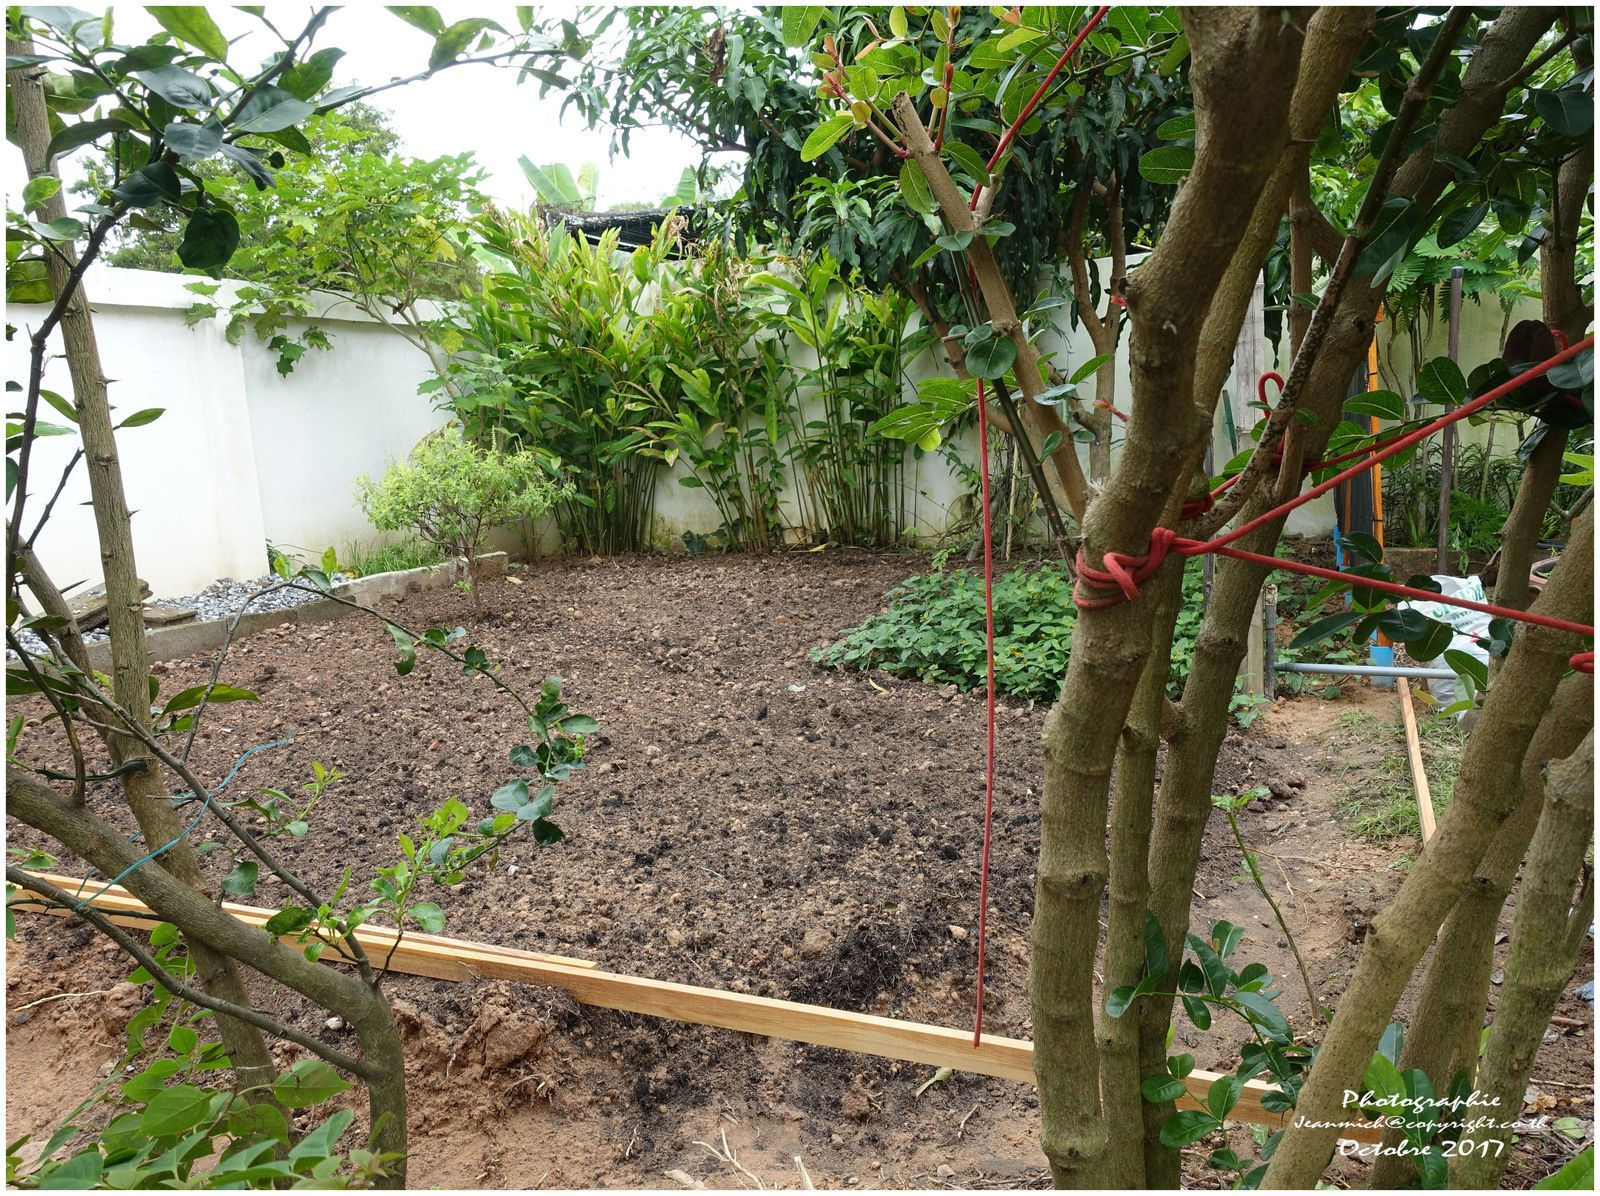 Les fleurs le jardin et la nature le blog de khon kaen for Blog jardin potager